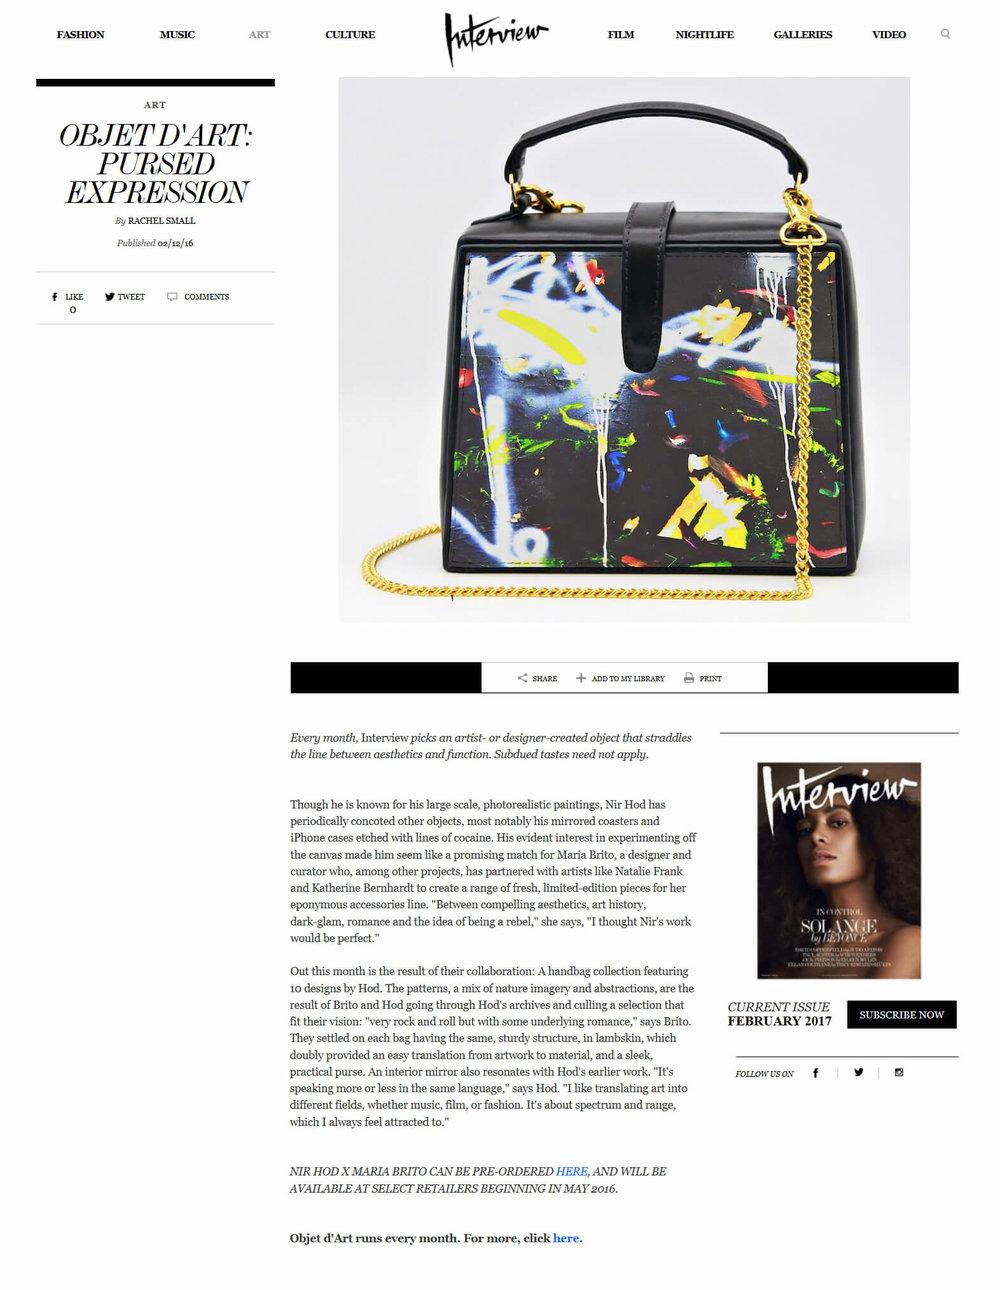 press_interview_magazine_maria_brito (1).jpg